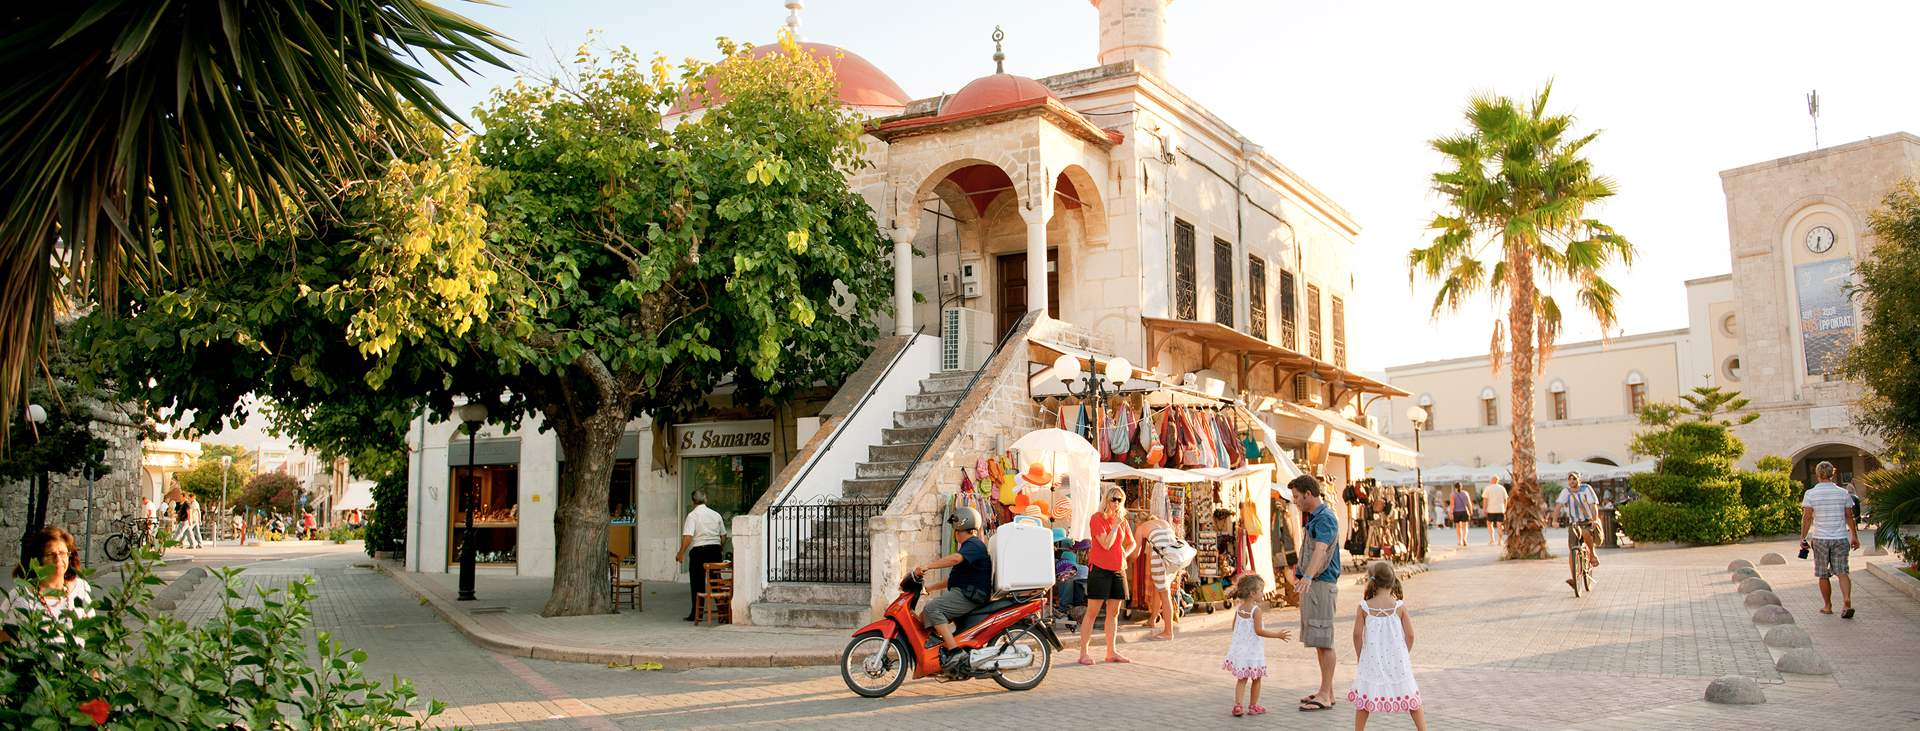 Boka din resa till Kos stad i Grekland med Ving